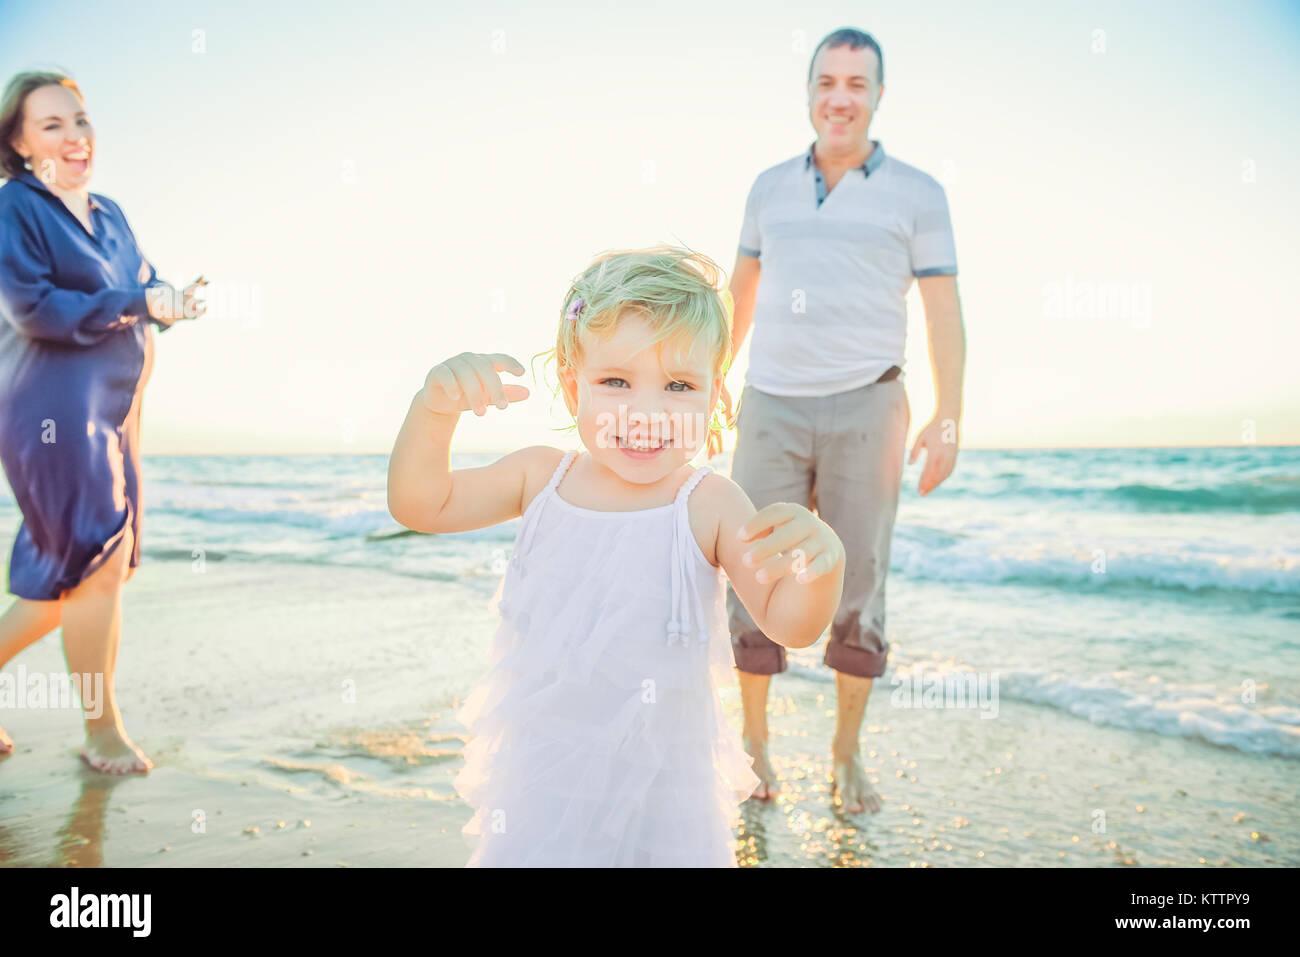 Laughing baby girl en marche avant avec smiling parents sur l'arrière-plan. Le bonheur et l'harmonie Photo Stock